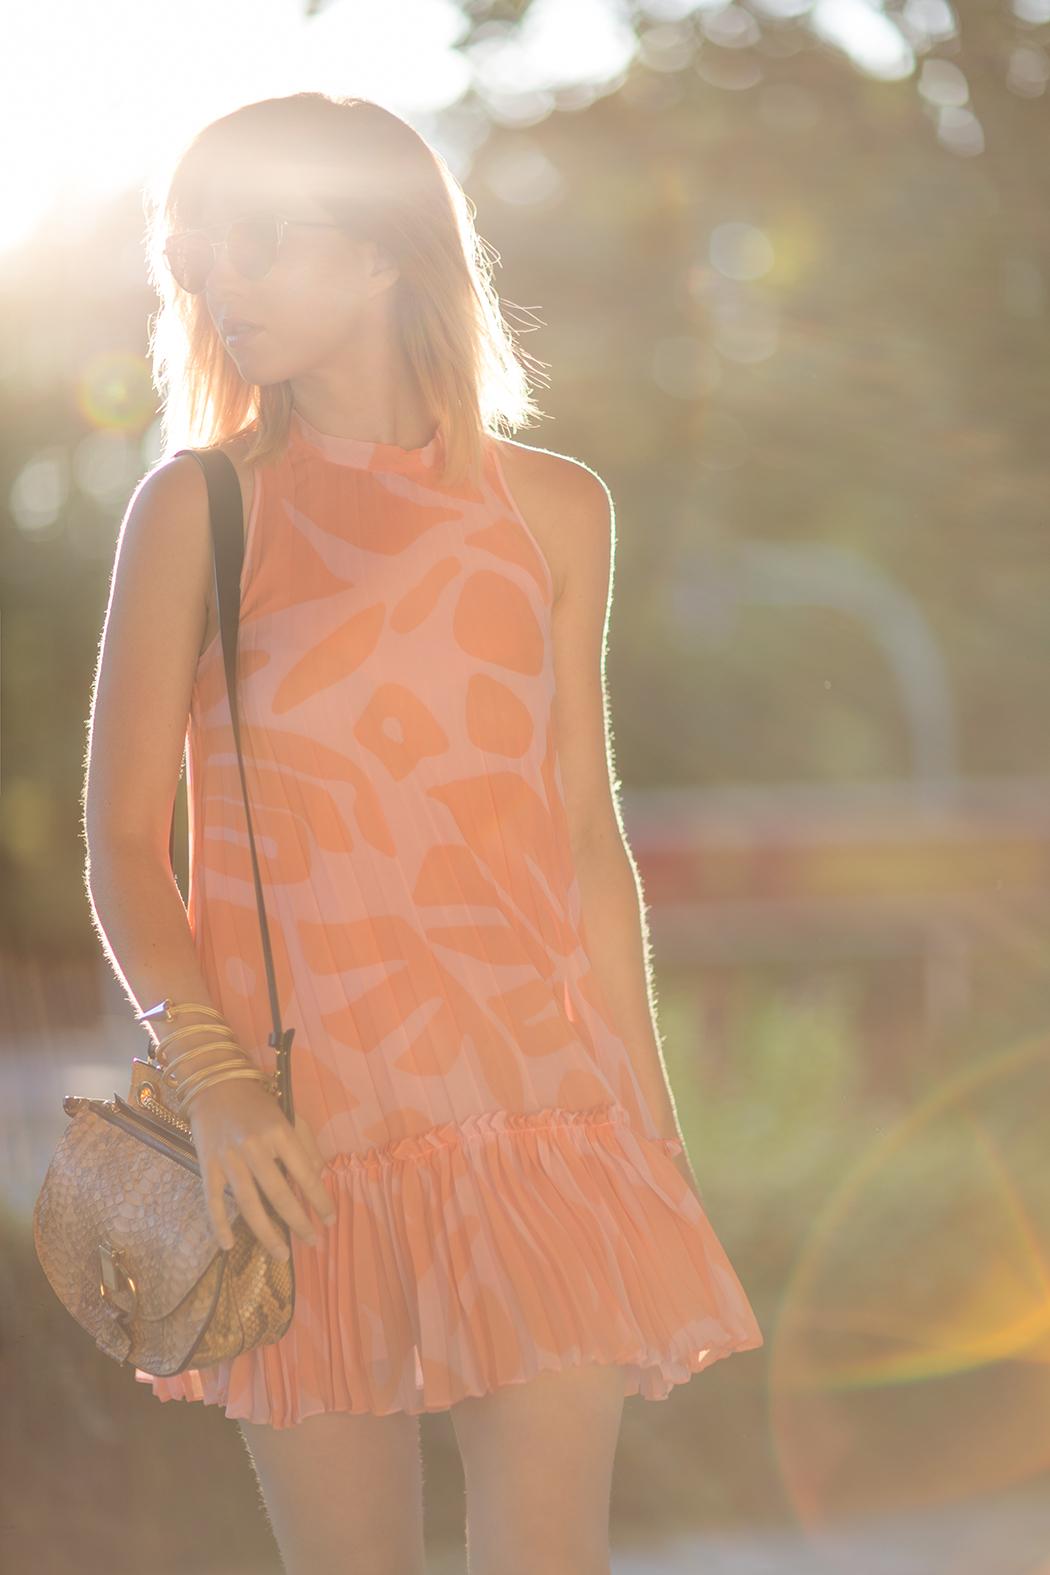 Fashionblog-Fashionblogger-Fashion-Blog-Blogger-MaxundCo-Sommerkleid-Lindarella-Muenchen-Deutschland-7-web